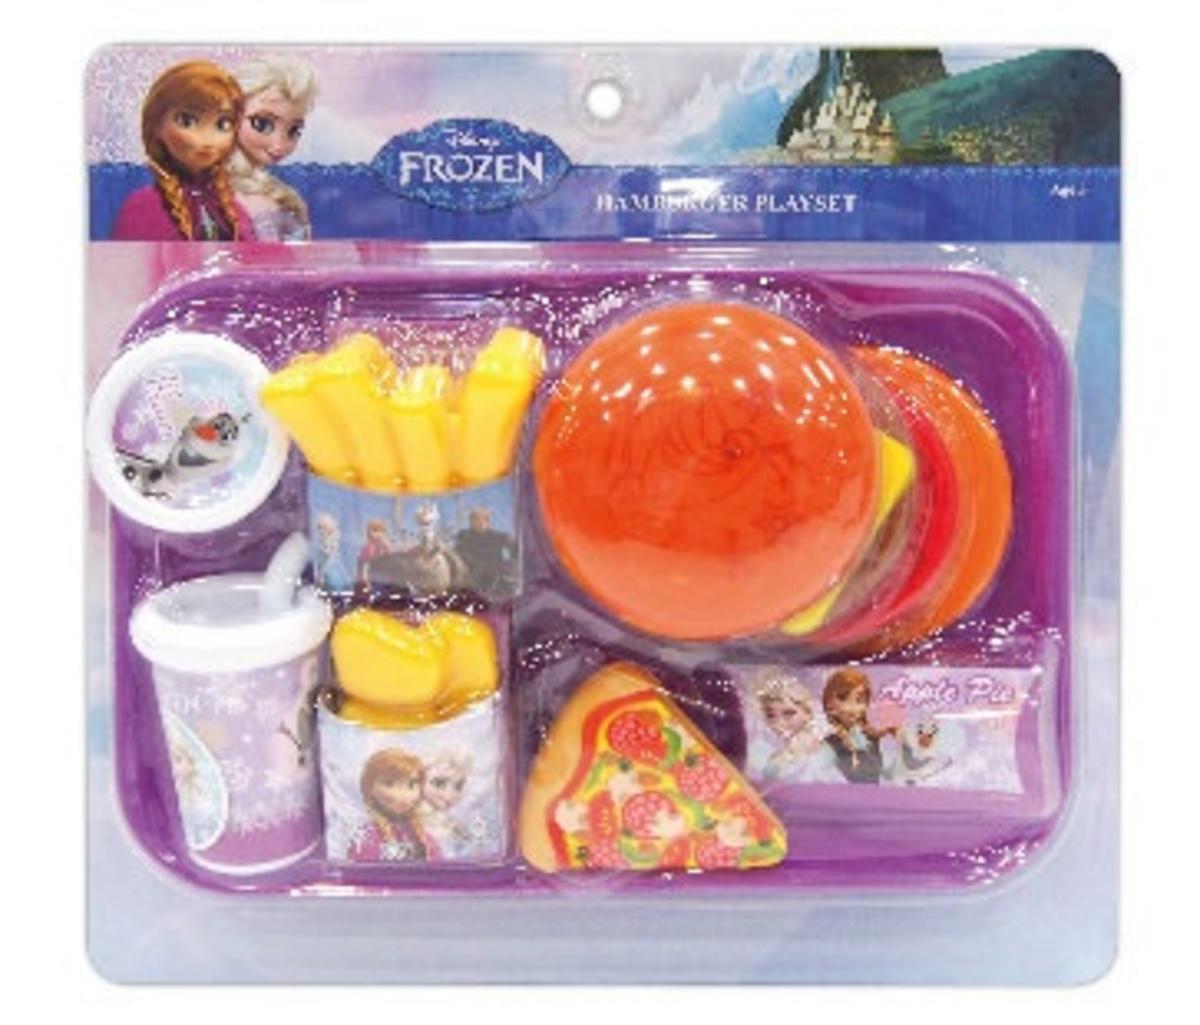 FROZEN Burger toy